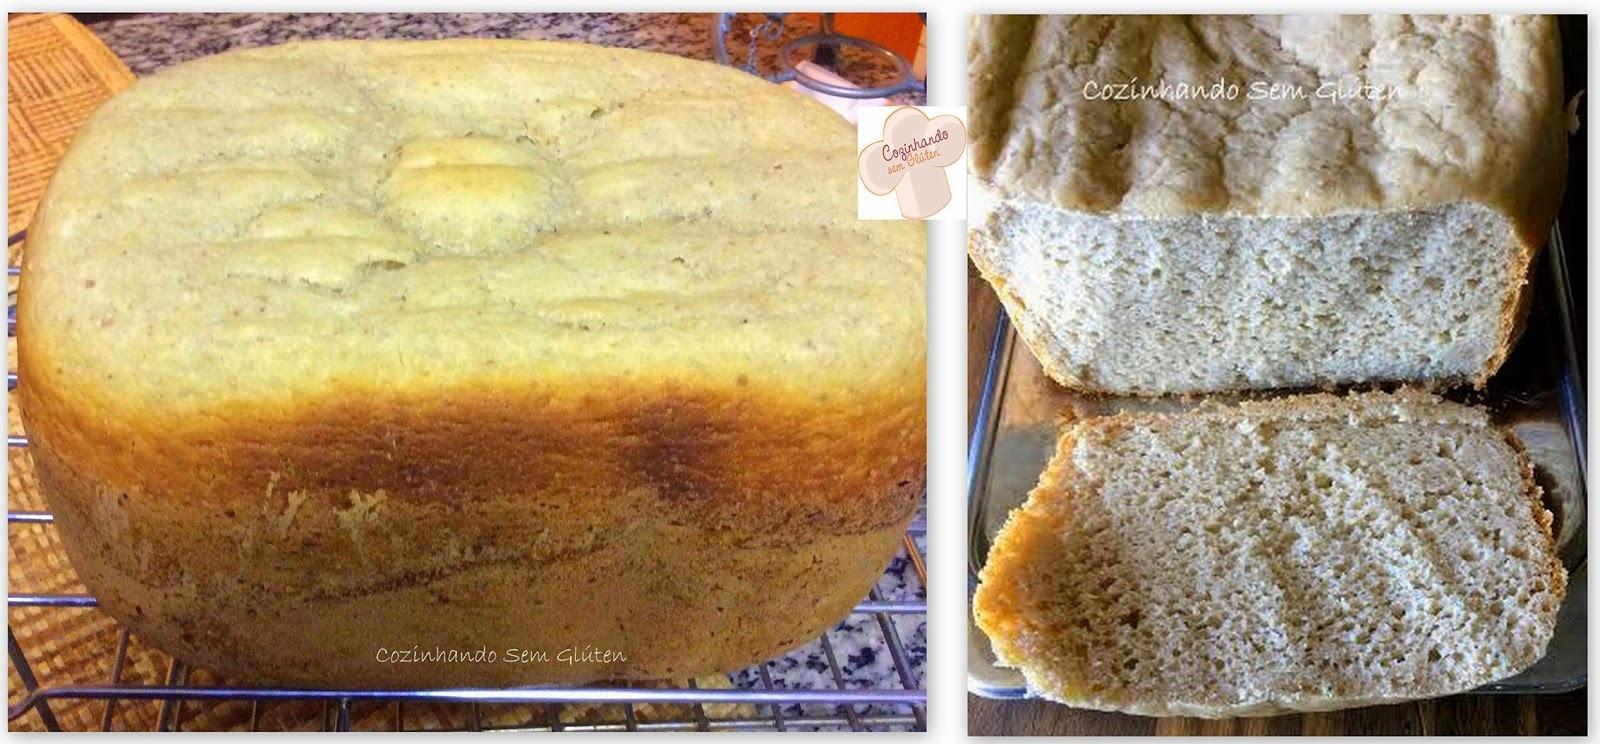 Pão 51 - MFP - com biomassa de banana verde